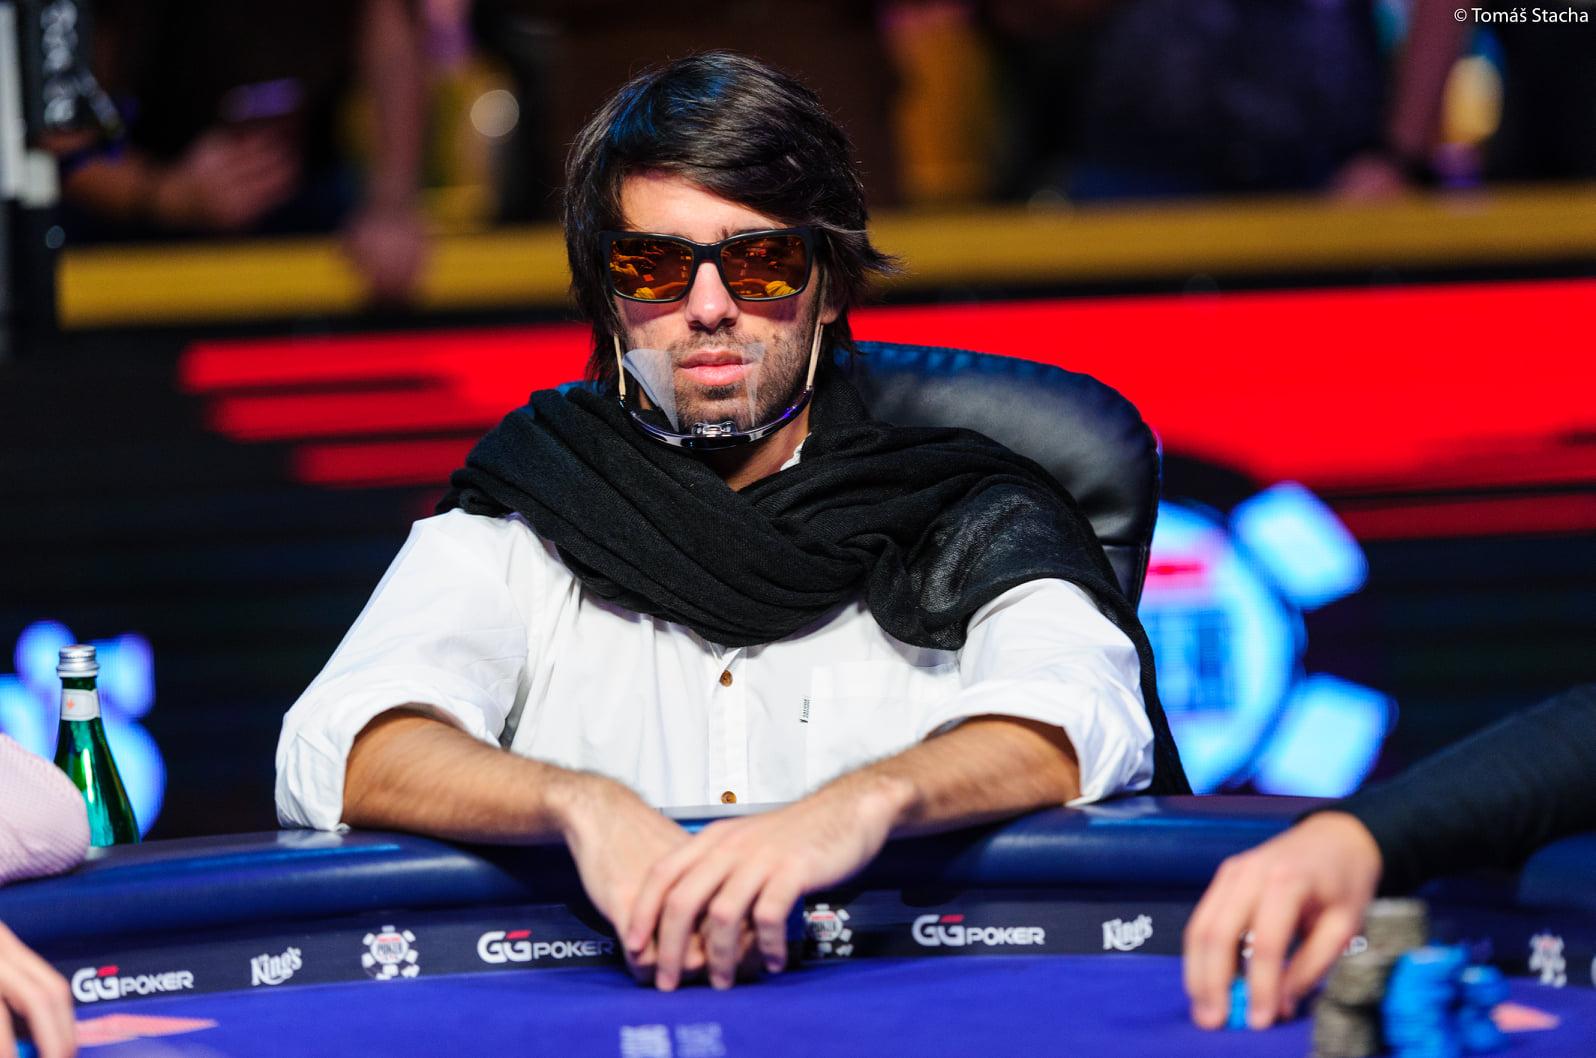 Manuel Ruivo - Mesa Final Main Event WSOP 2020